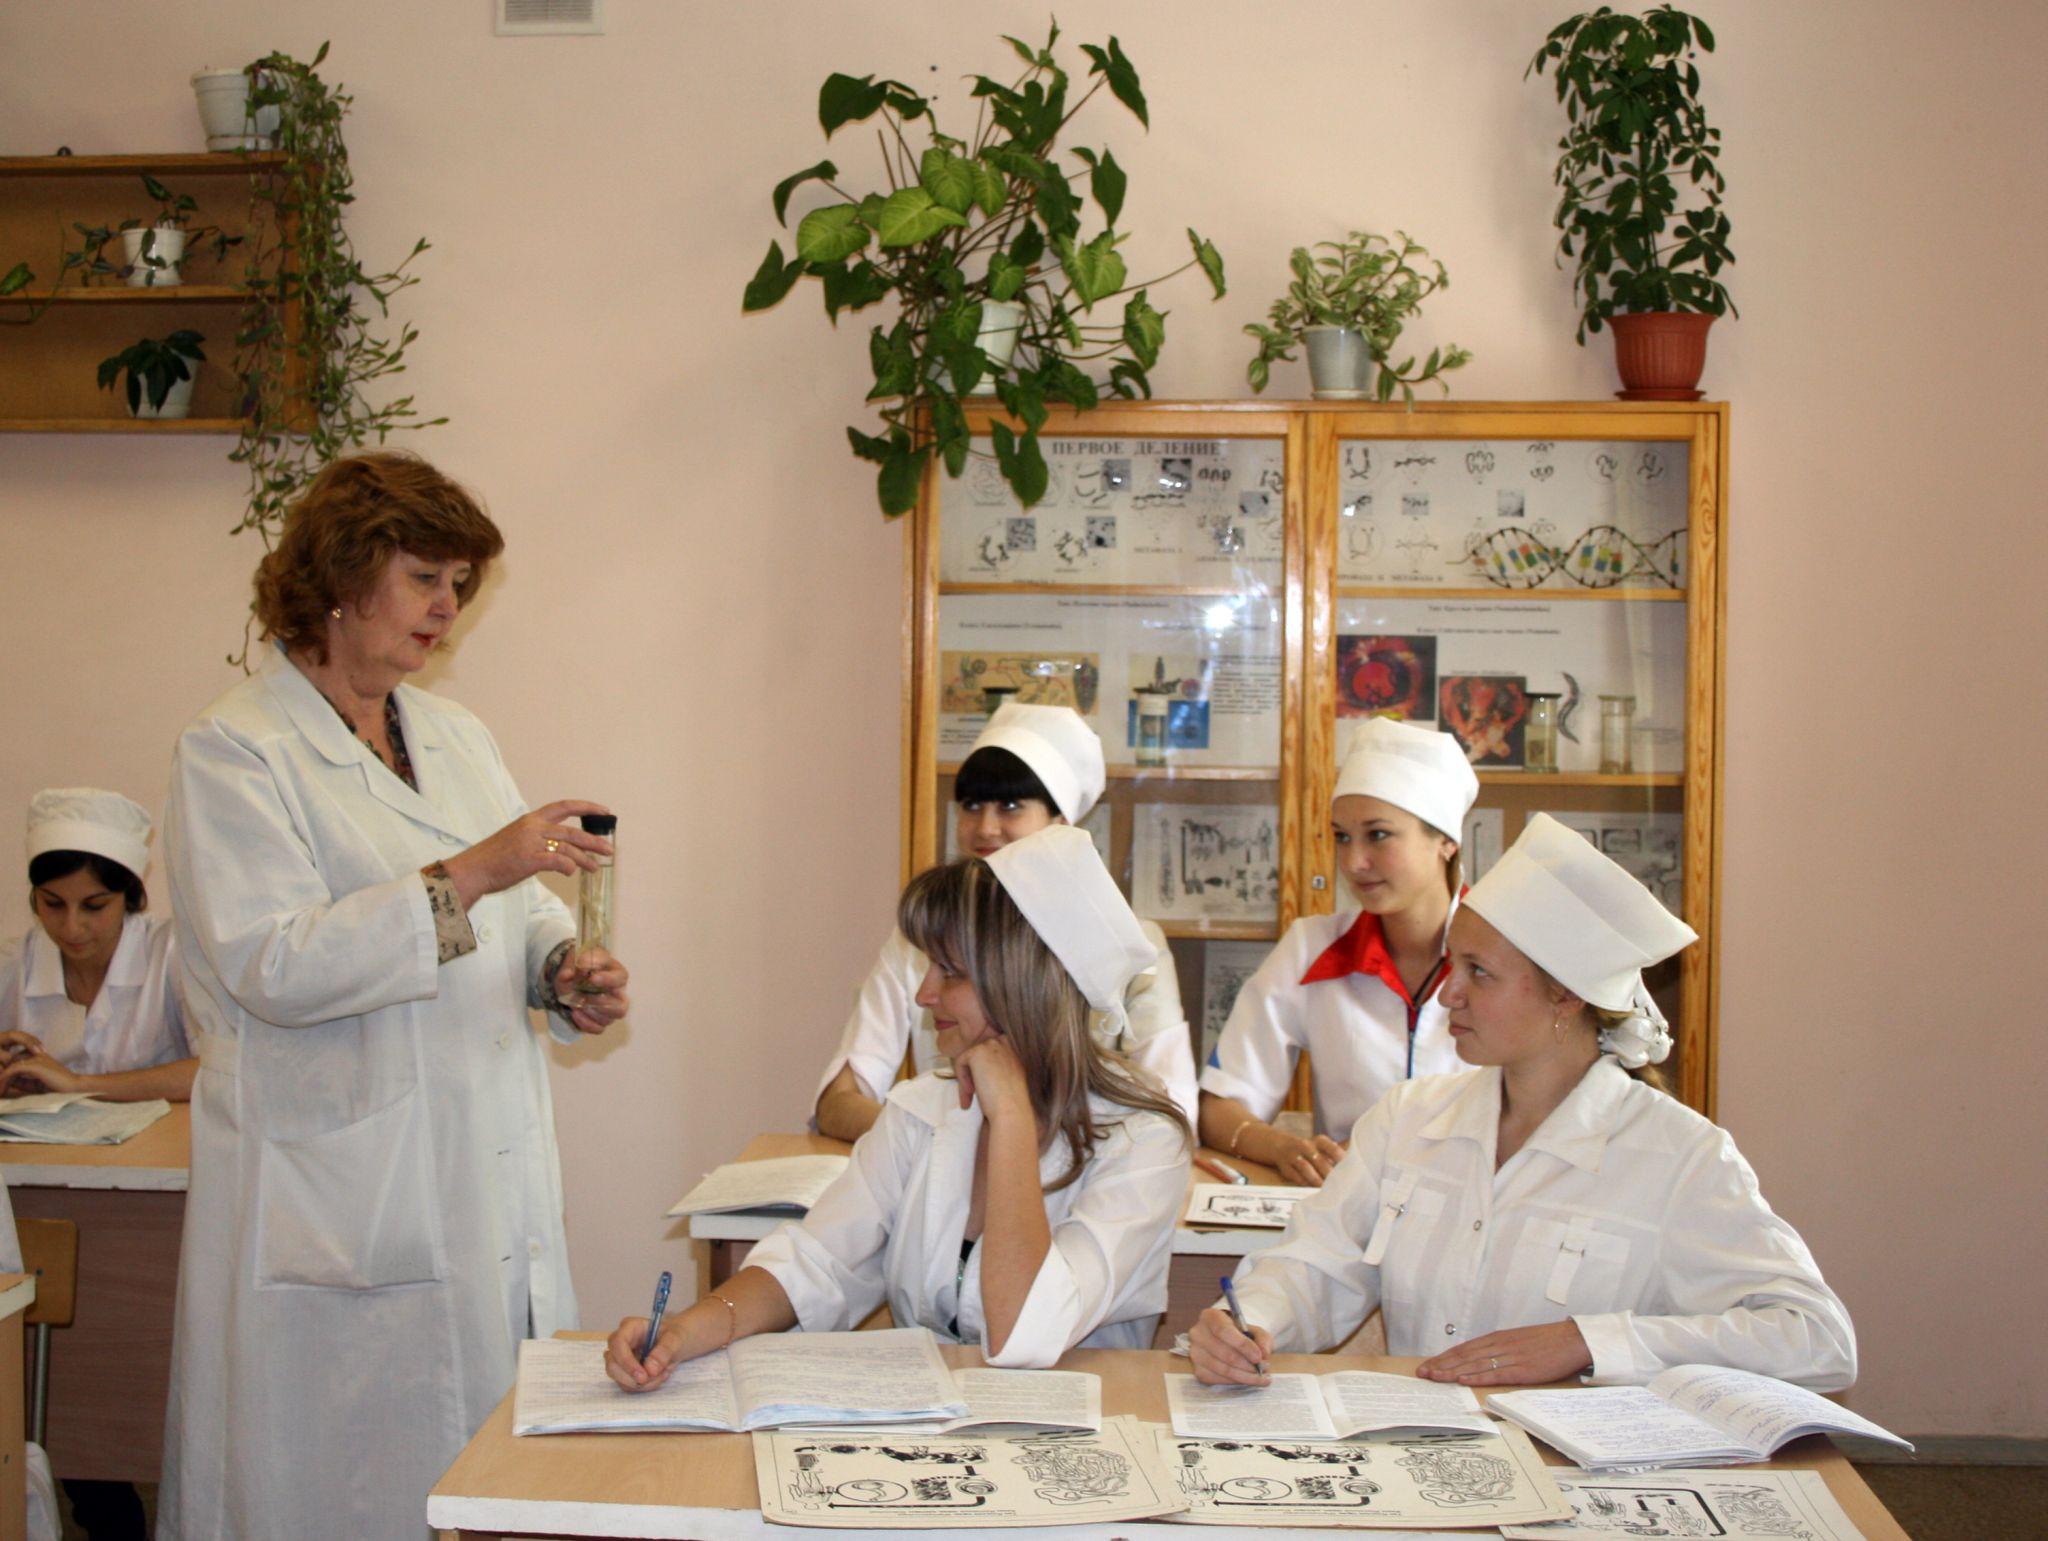 Волгоградский государственный медицинский университет ВолГМУ  Биология базовая наука для изучения ботаники и фармакогнозии